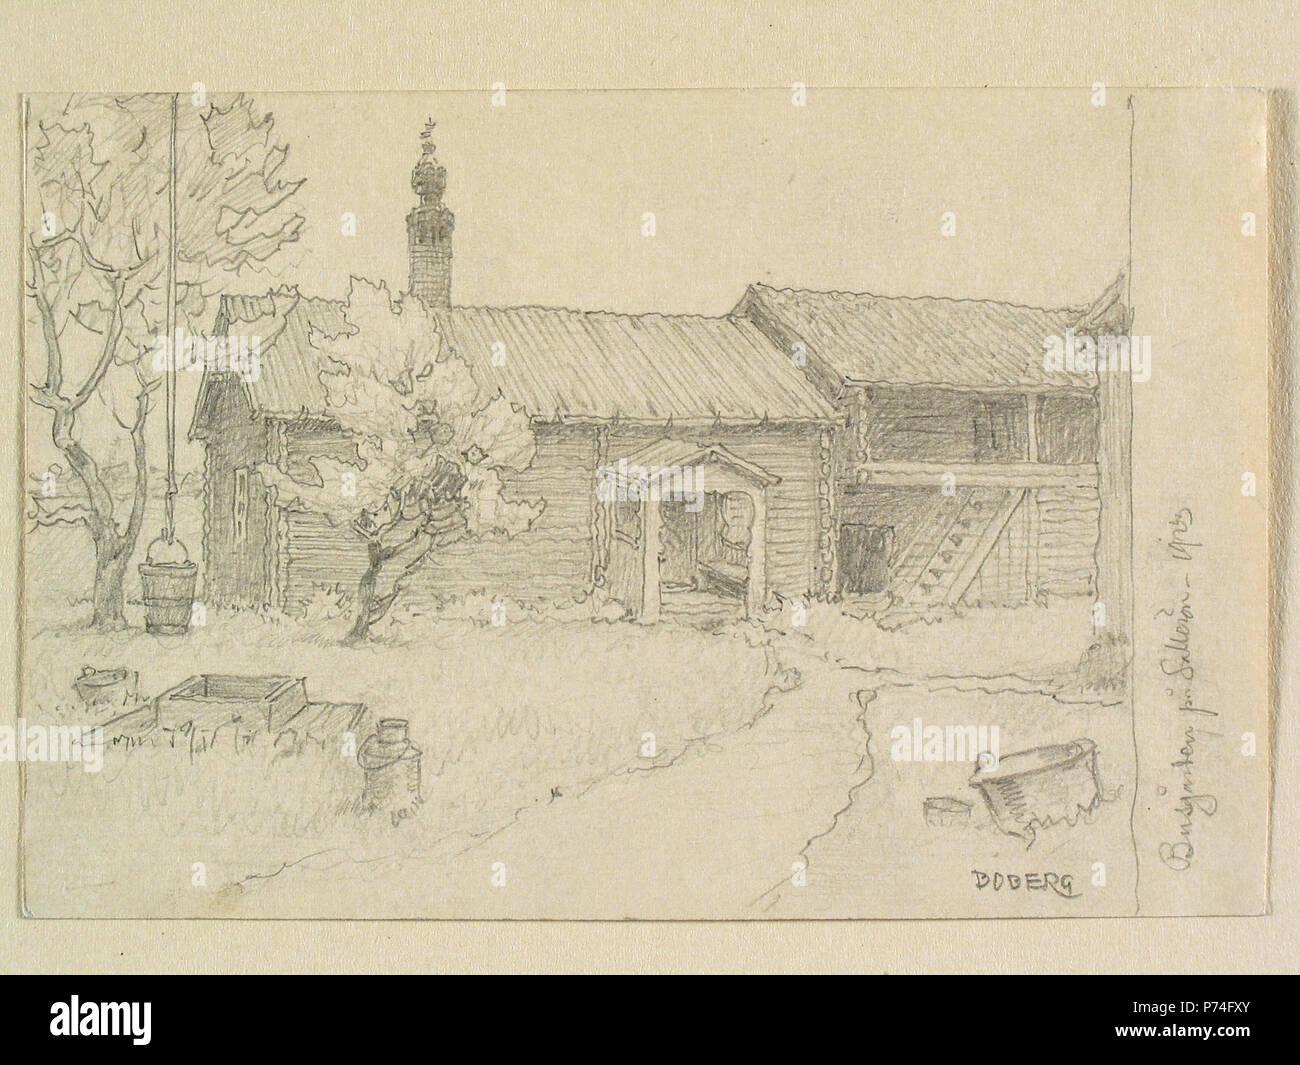 11 Dalarna, Solleröns sn., Sollerön, Busgården. Teckning av Ferdinand Boberg - Nordiska museet - NMA.0088172 Stock Photo